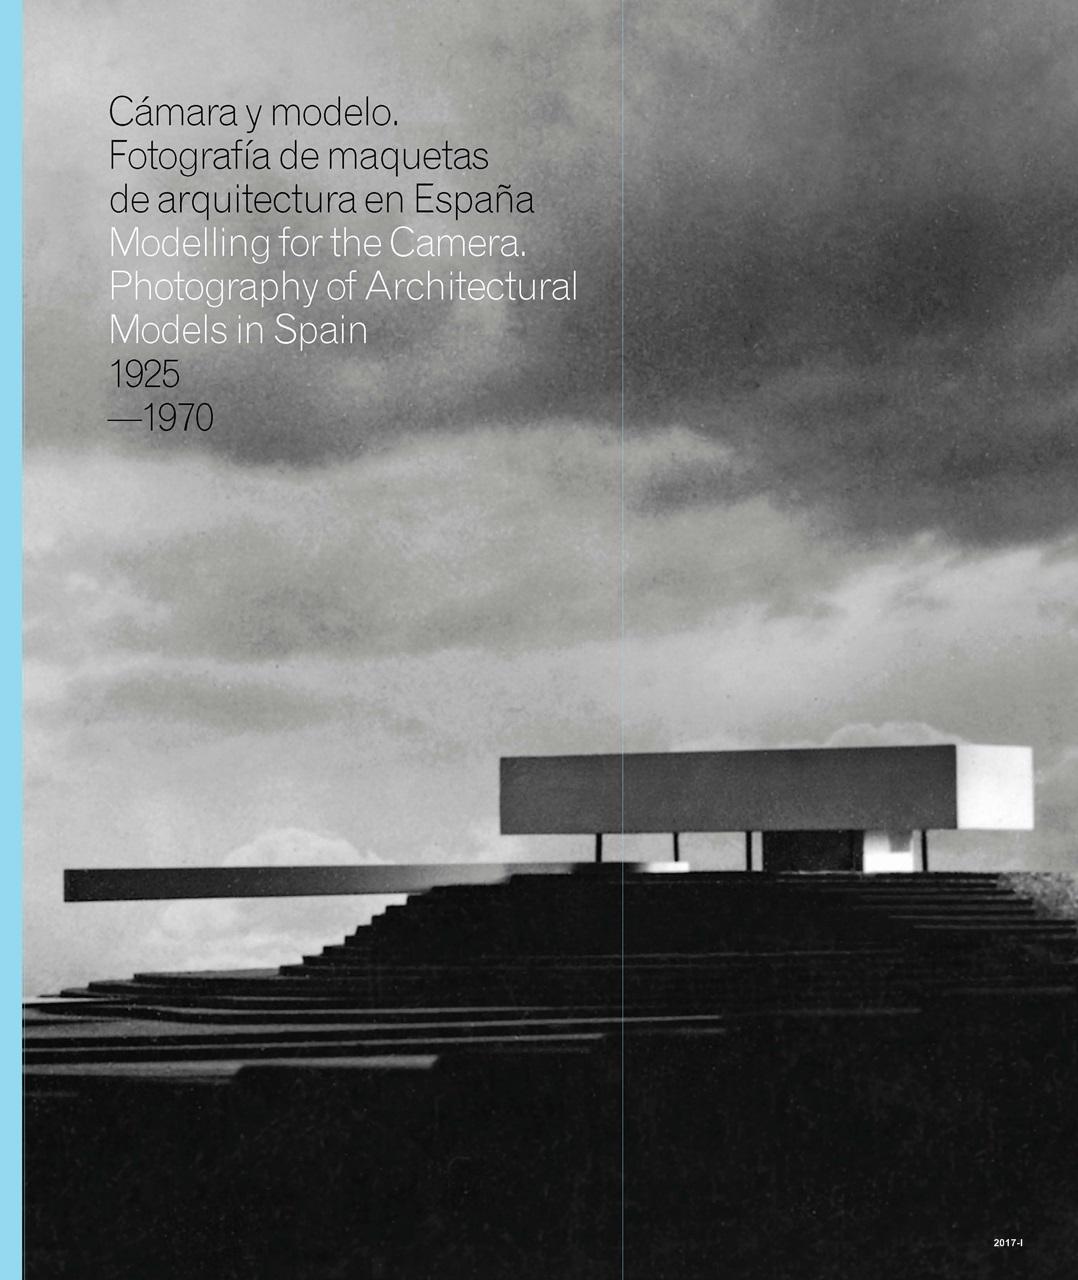 Cubierta de Cámara y modelo: fotografía de maquetas de arquitectura en España : 1925-1970 = Modelling for the camera: photography of architectural models in Spain